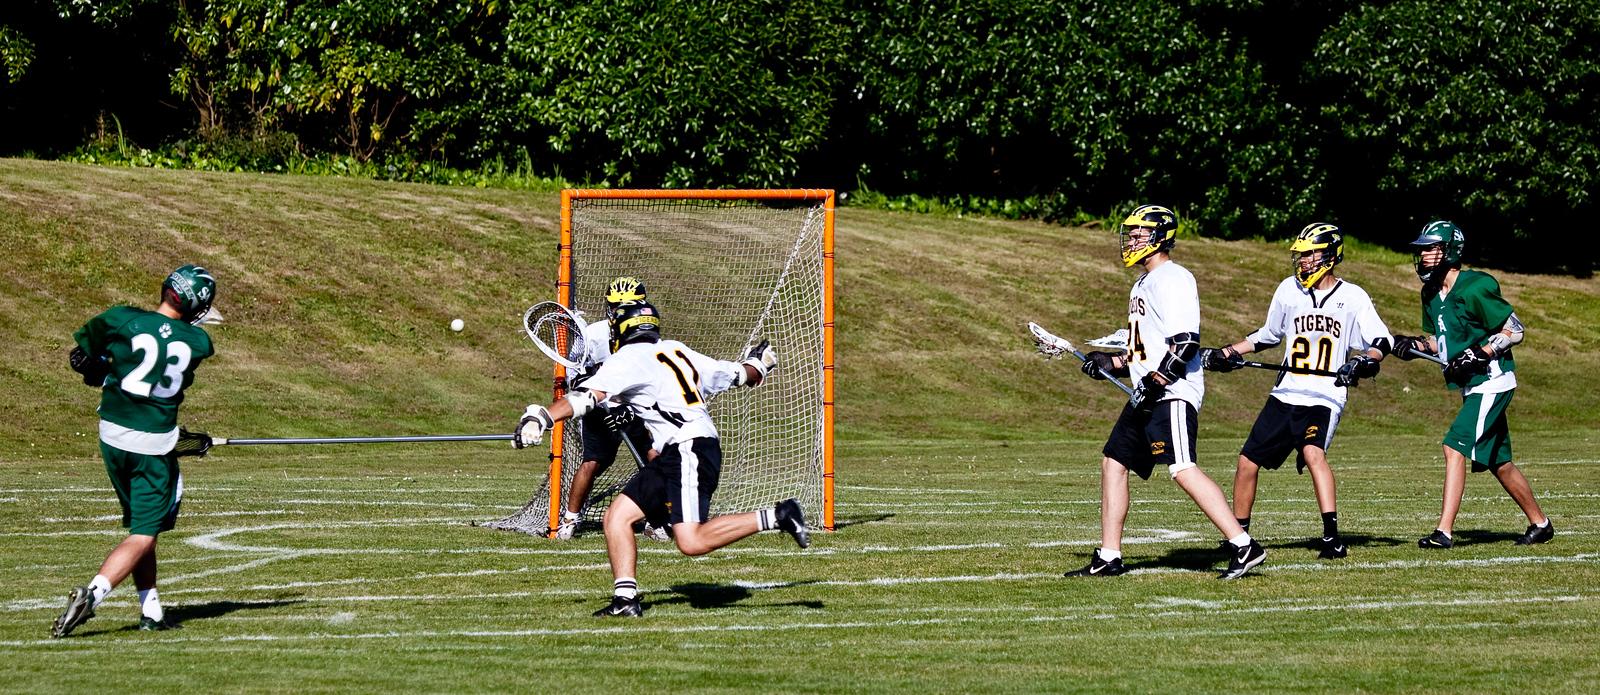 SA Lacrosse 2010